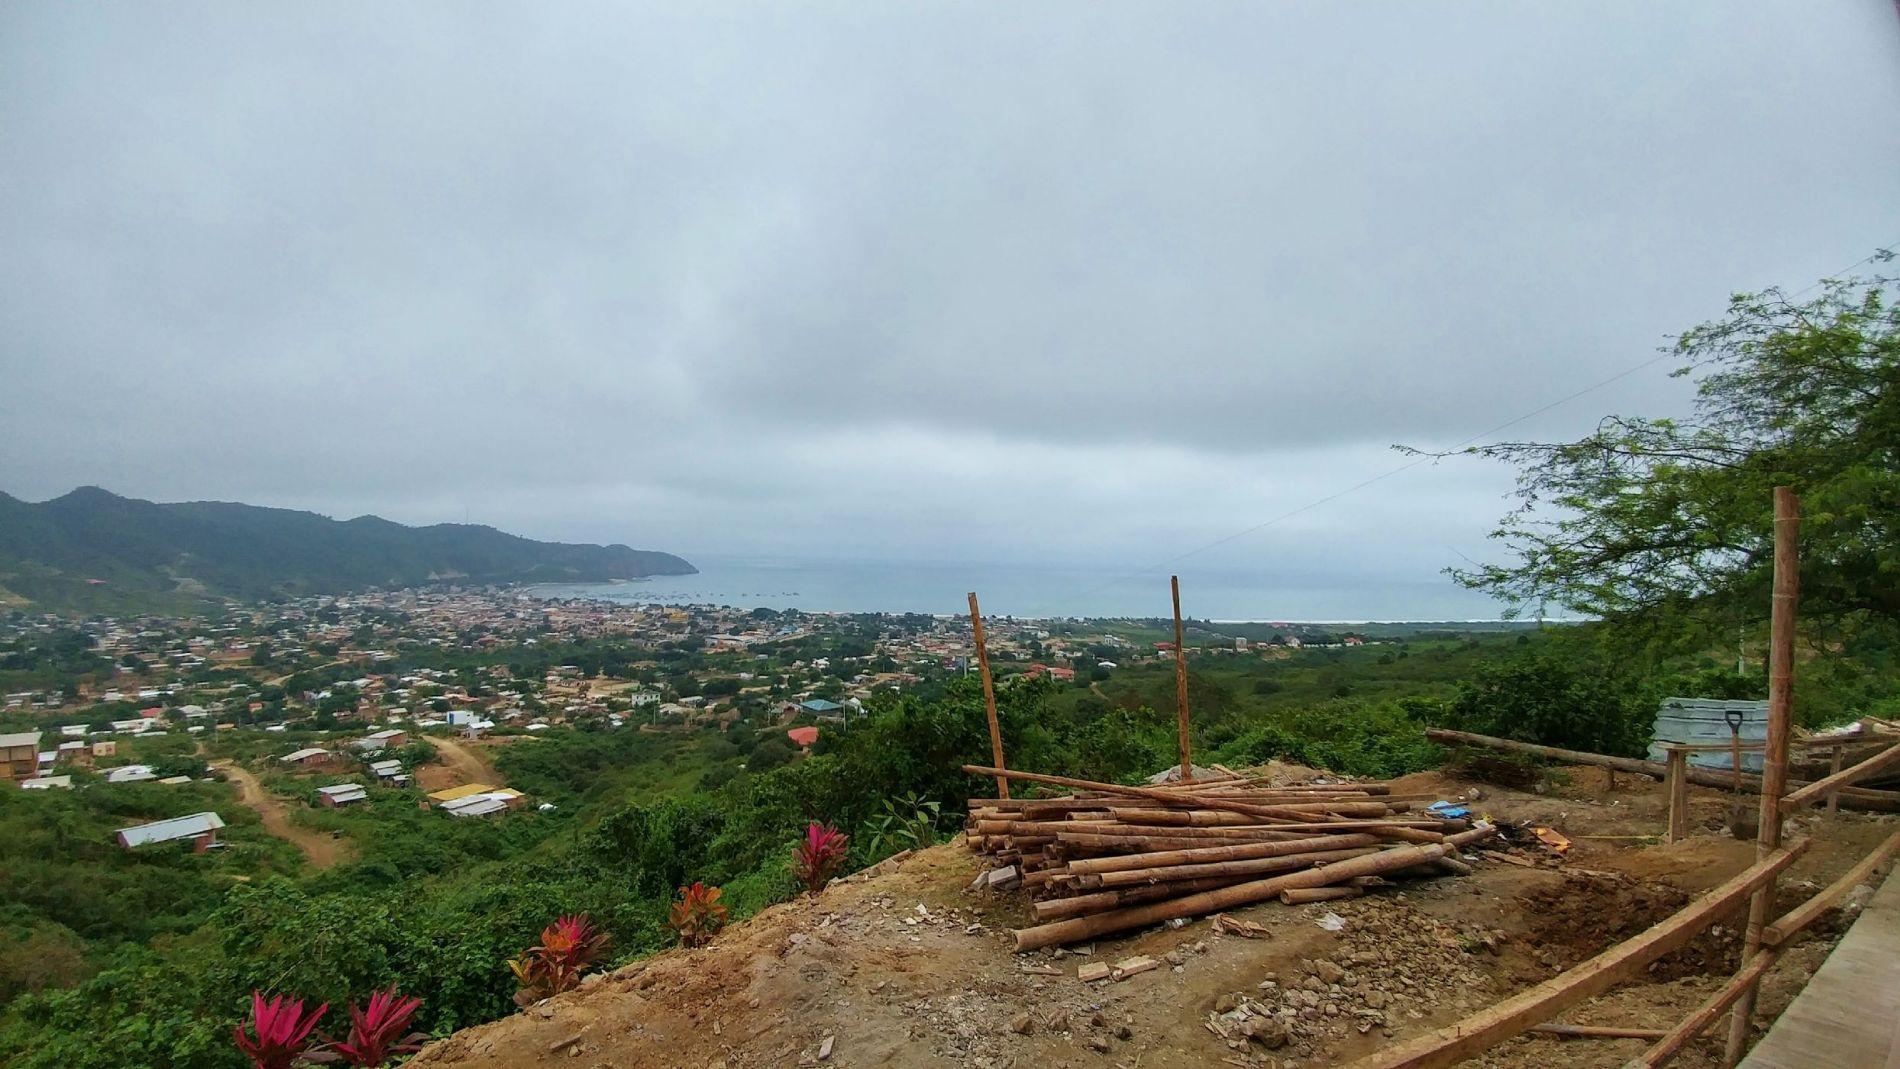 Puerto-Lopez-Ecuador-property-513689-6.JPG